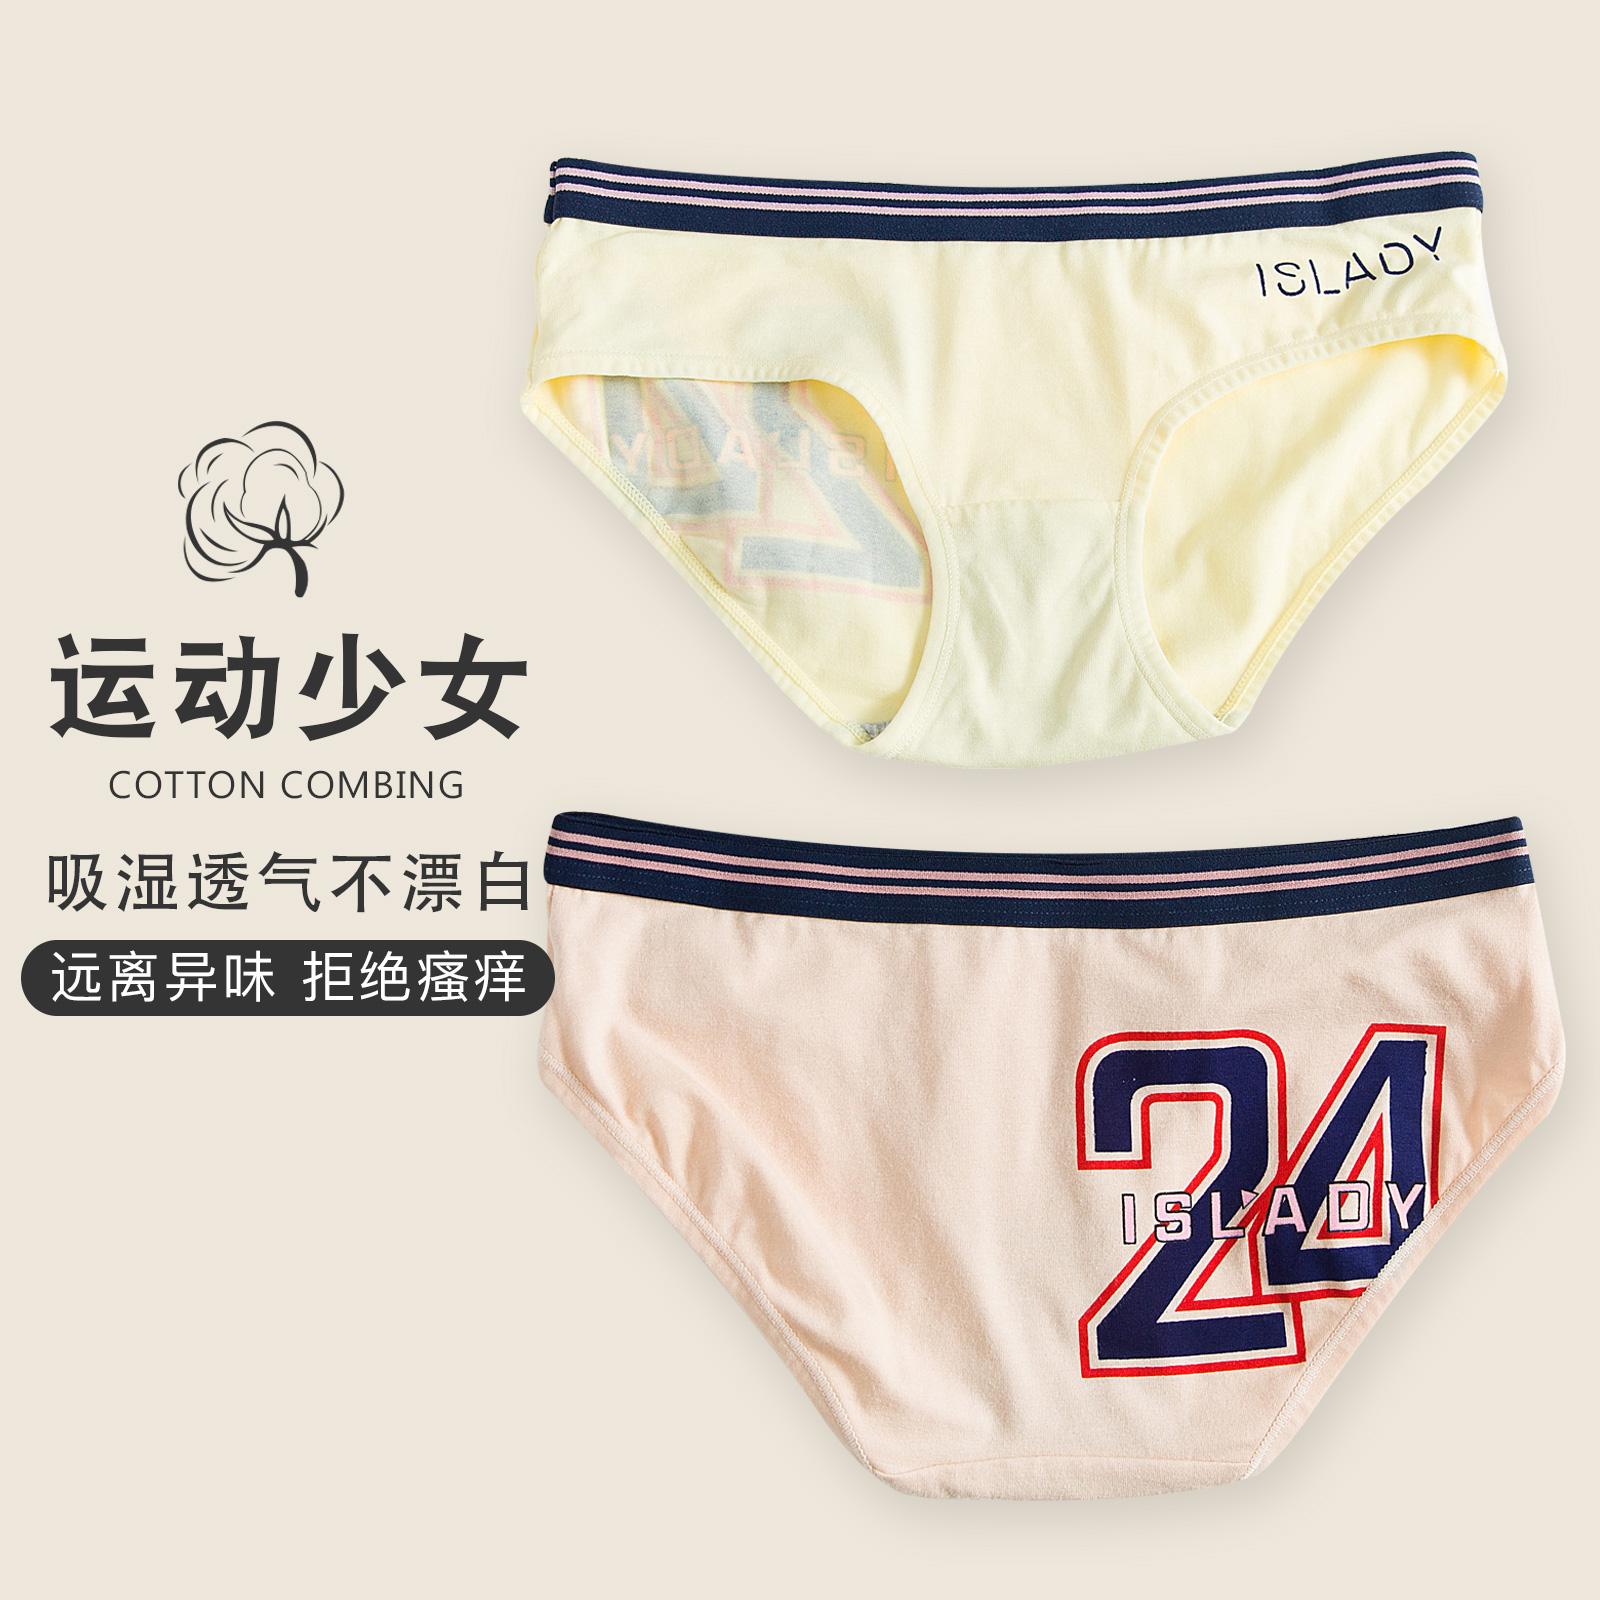 13.80元包邮纯棉抗菌少女日系韩版学生三角裤